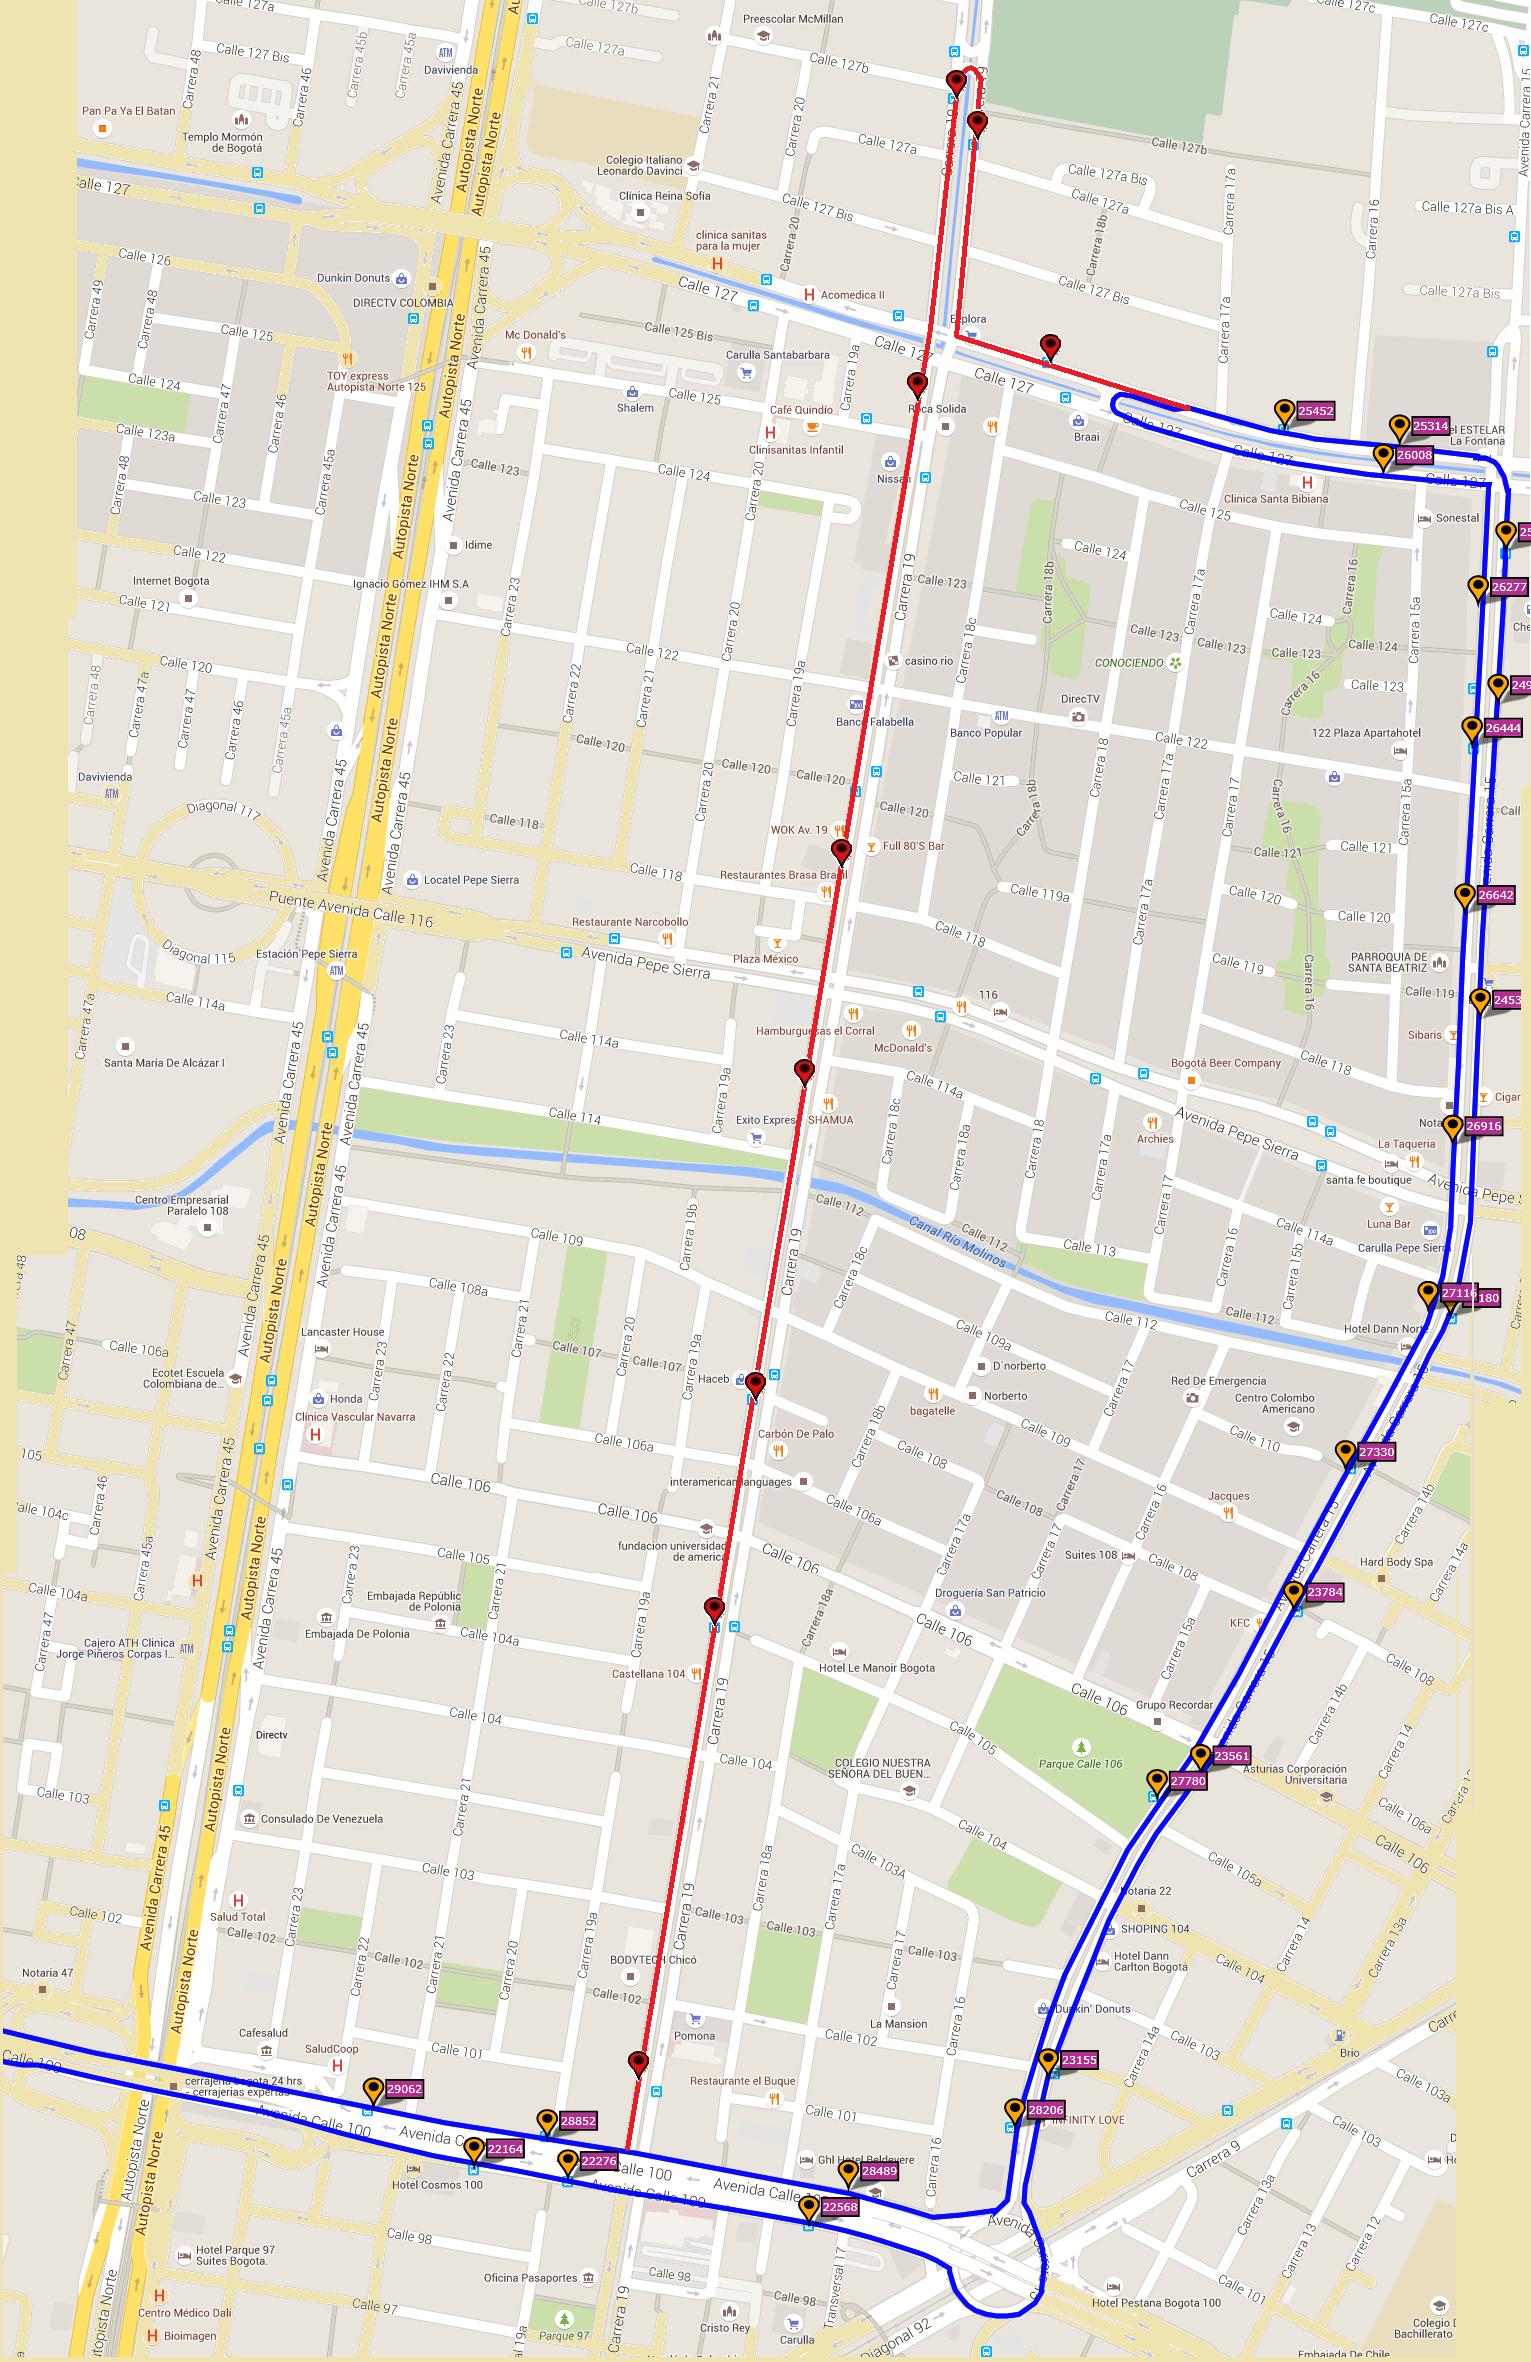 Ruta SITP: C53 Acacias Sur ↔ Unicentro [Urbana] 5